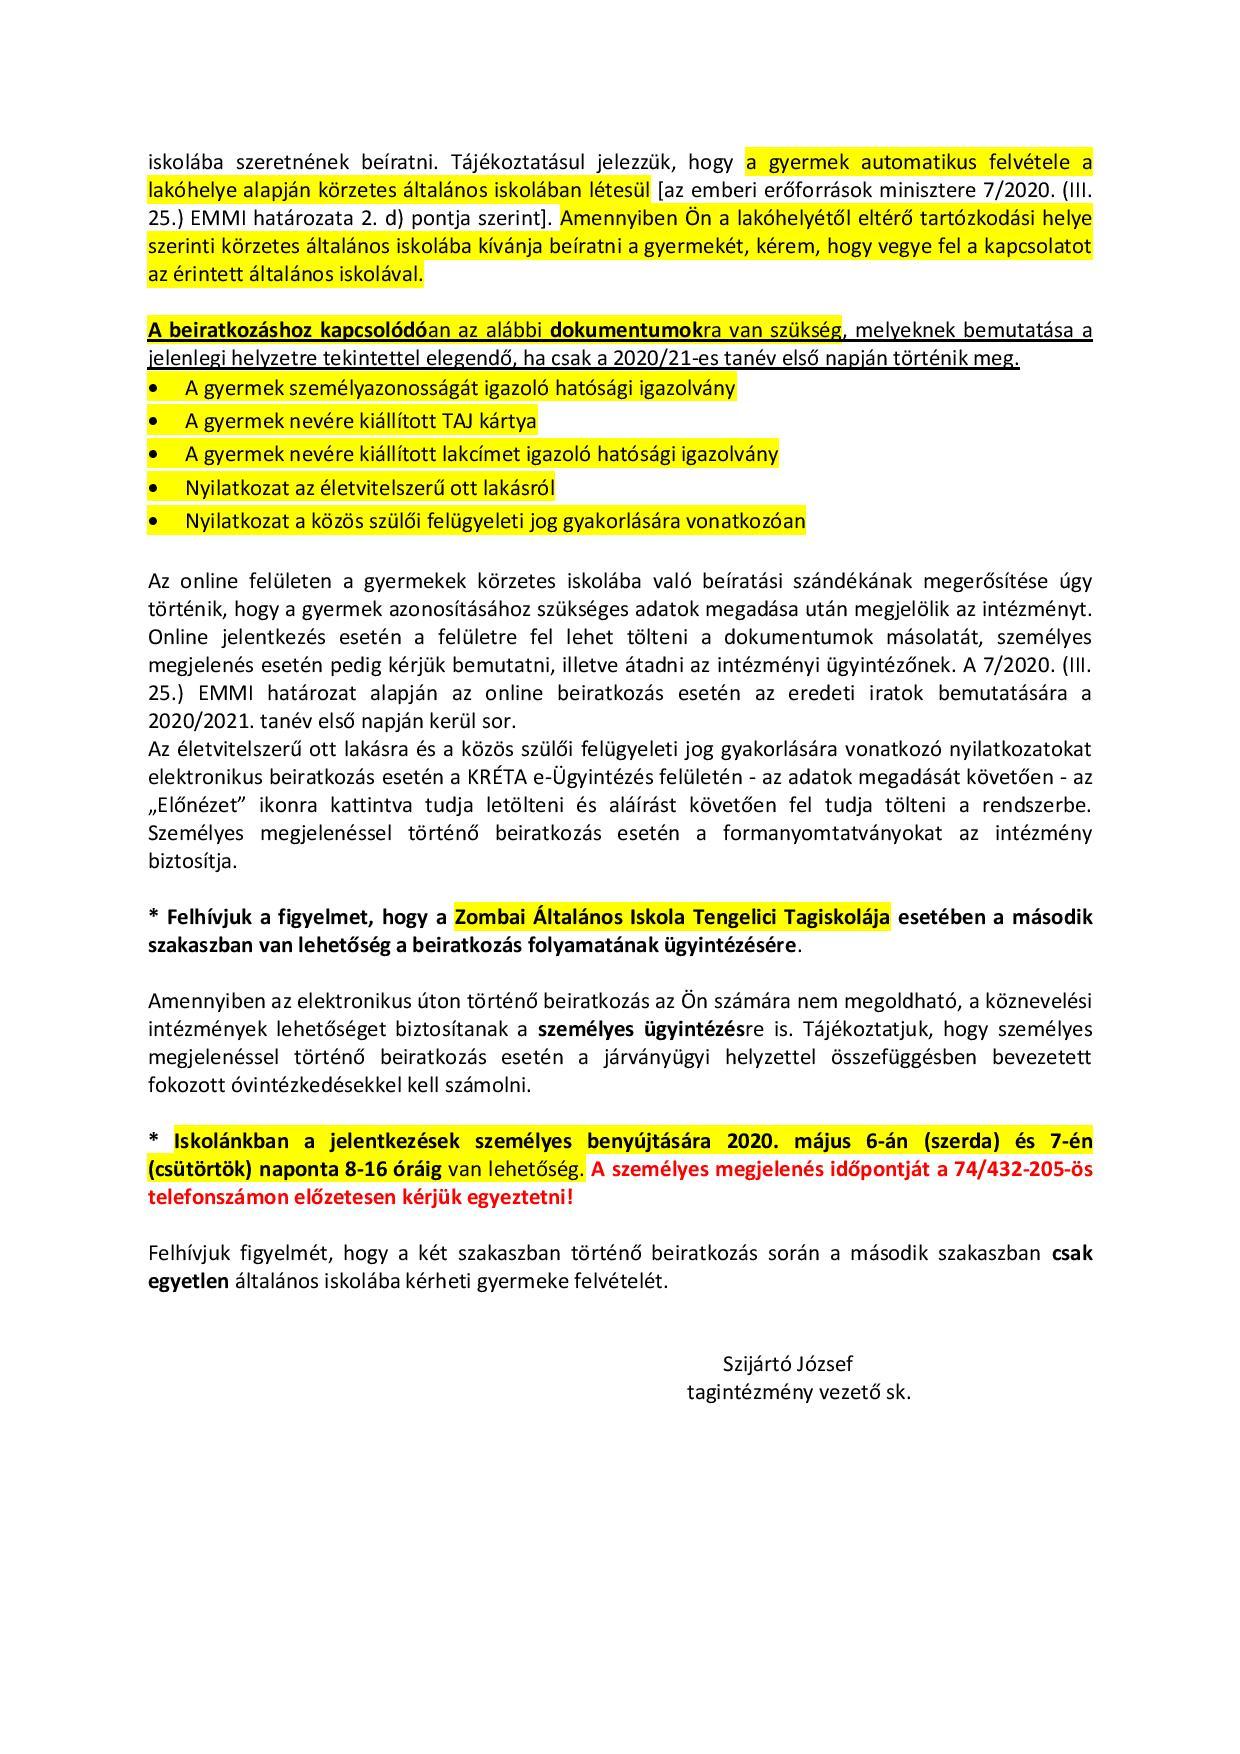 Hirdetmeny-1.osztalyosok-altalanos-iskolai-beiratkozasarol-2020.04.07-page-002